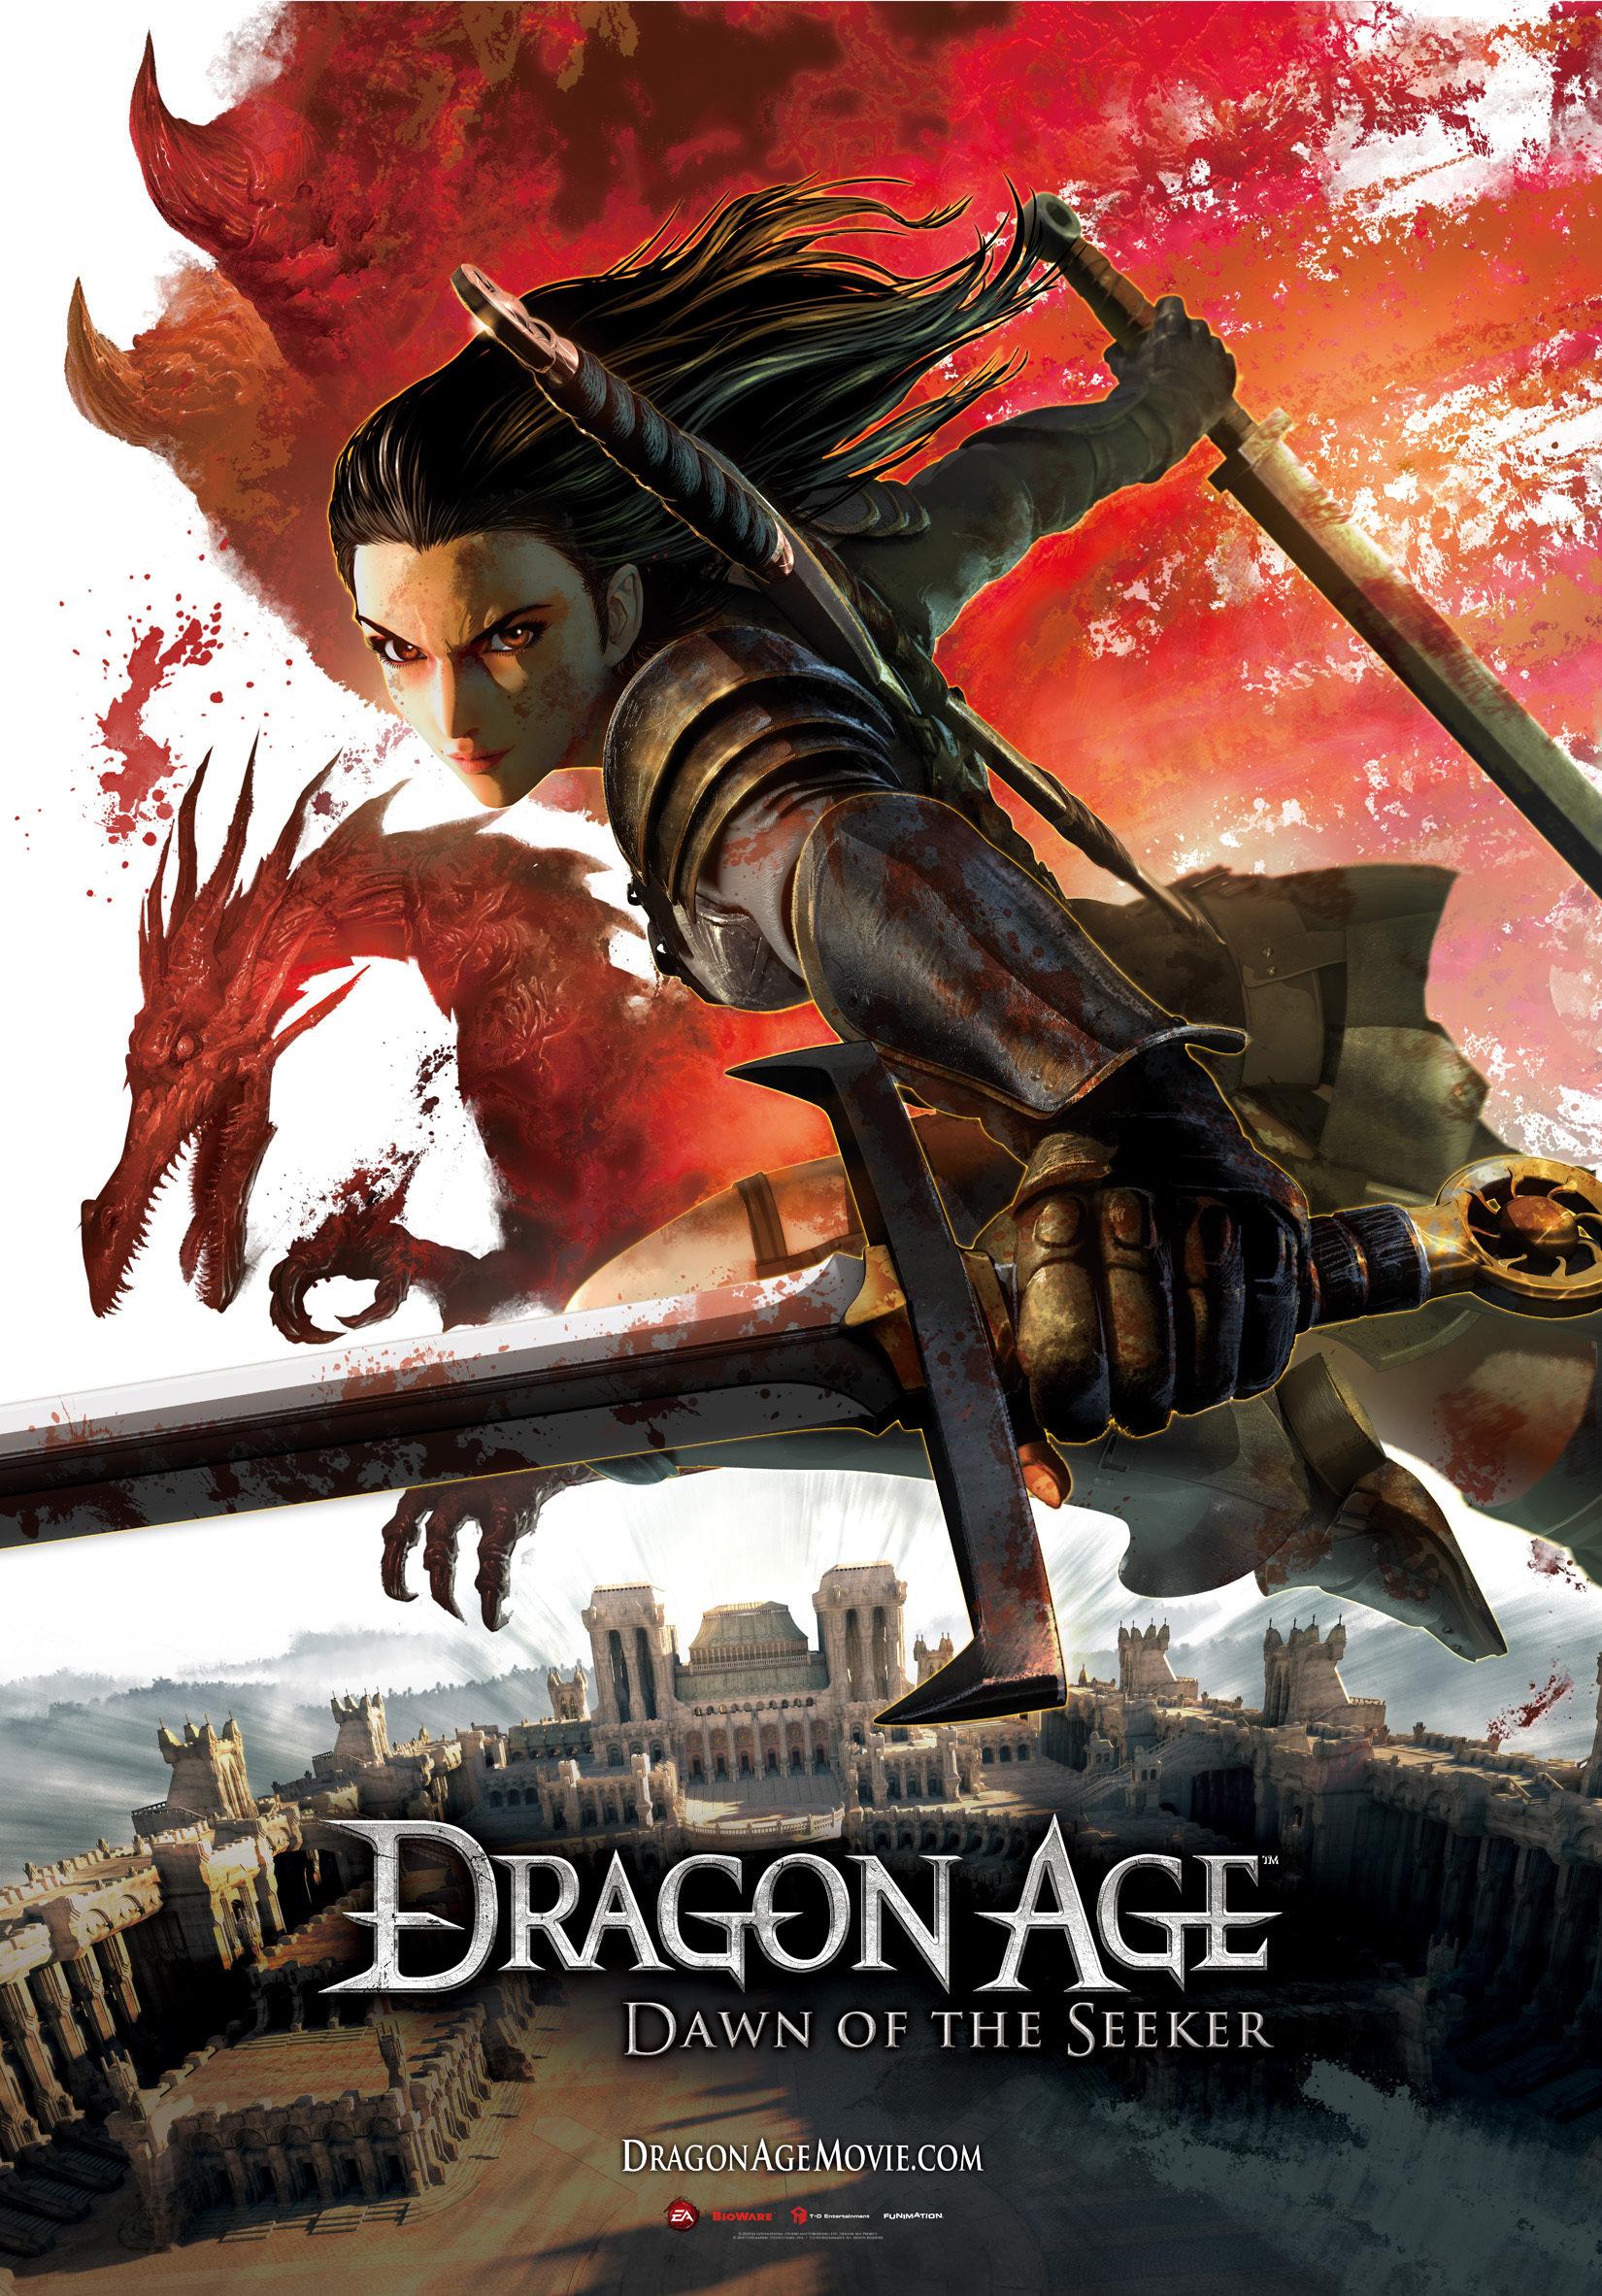 دانلود زیرنویس فارسی فیلم Dragon Age: Dawn of the Seeker